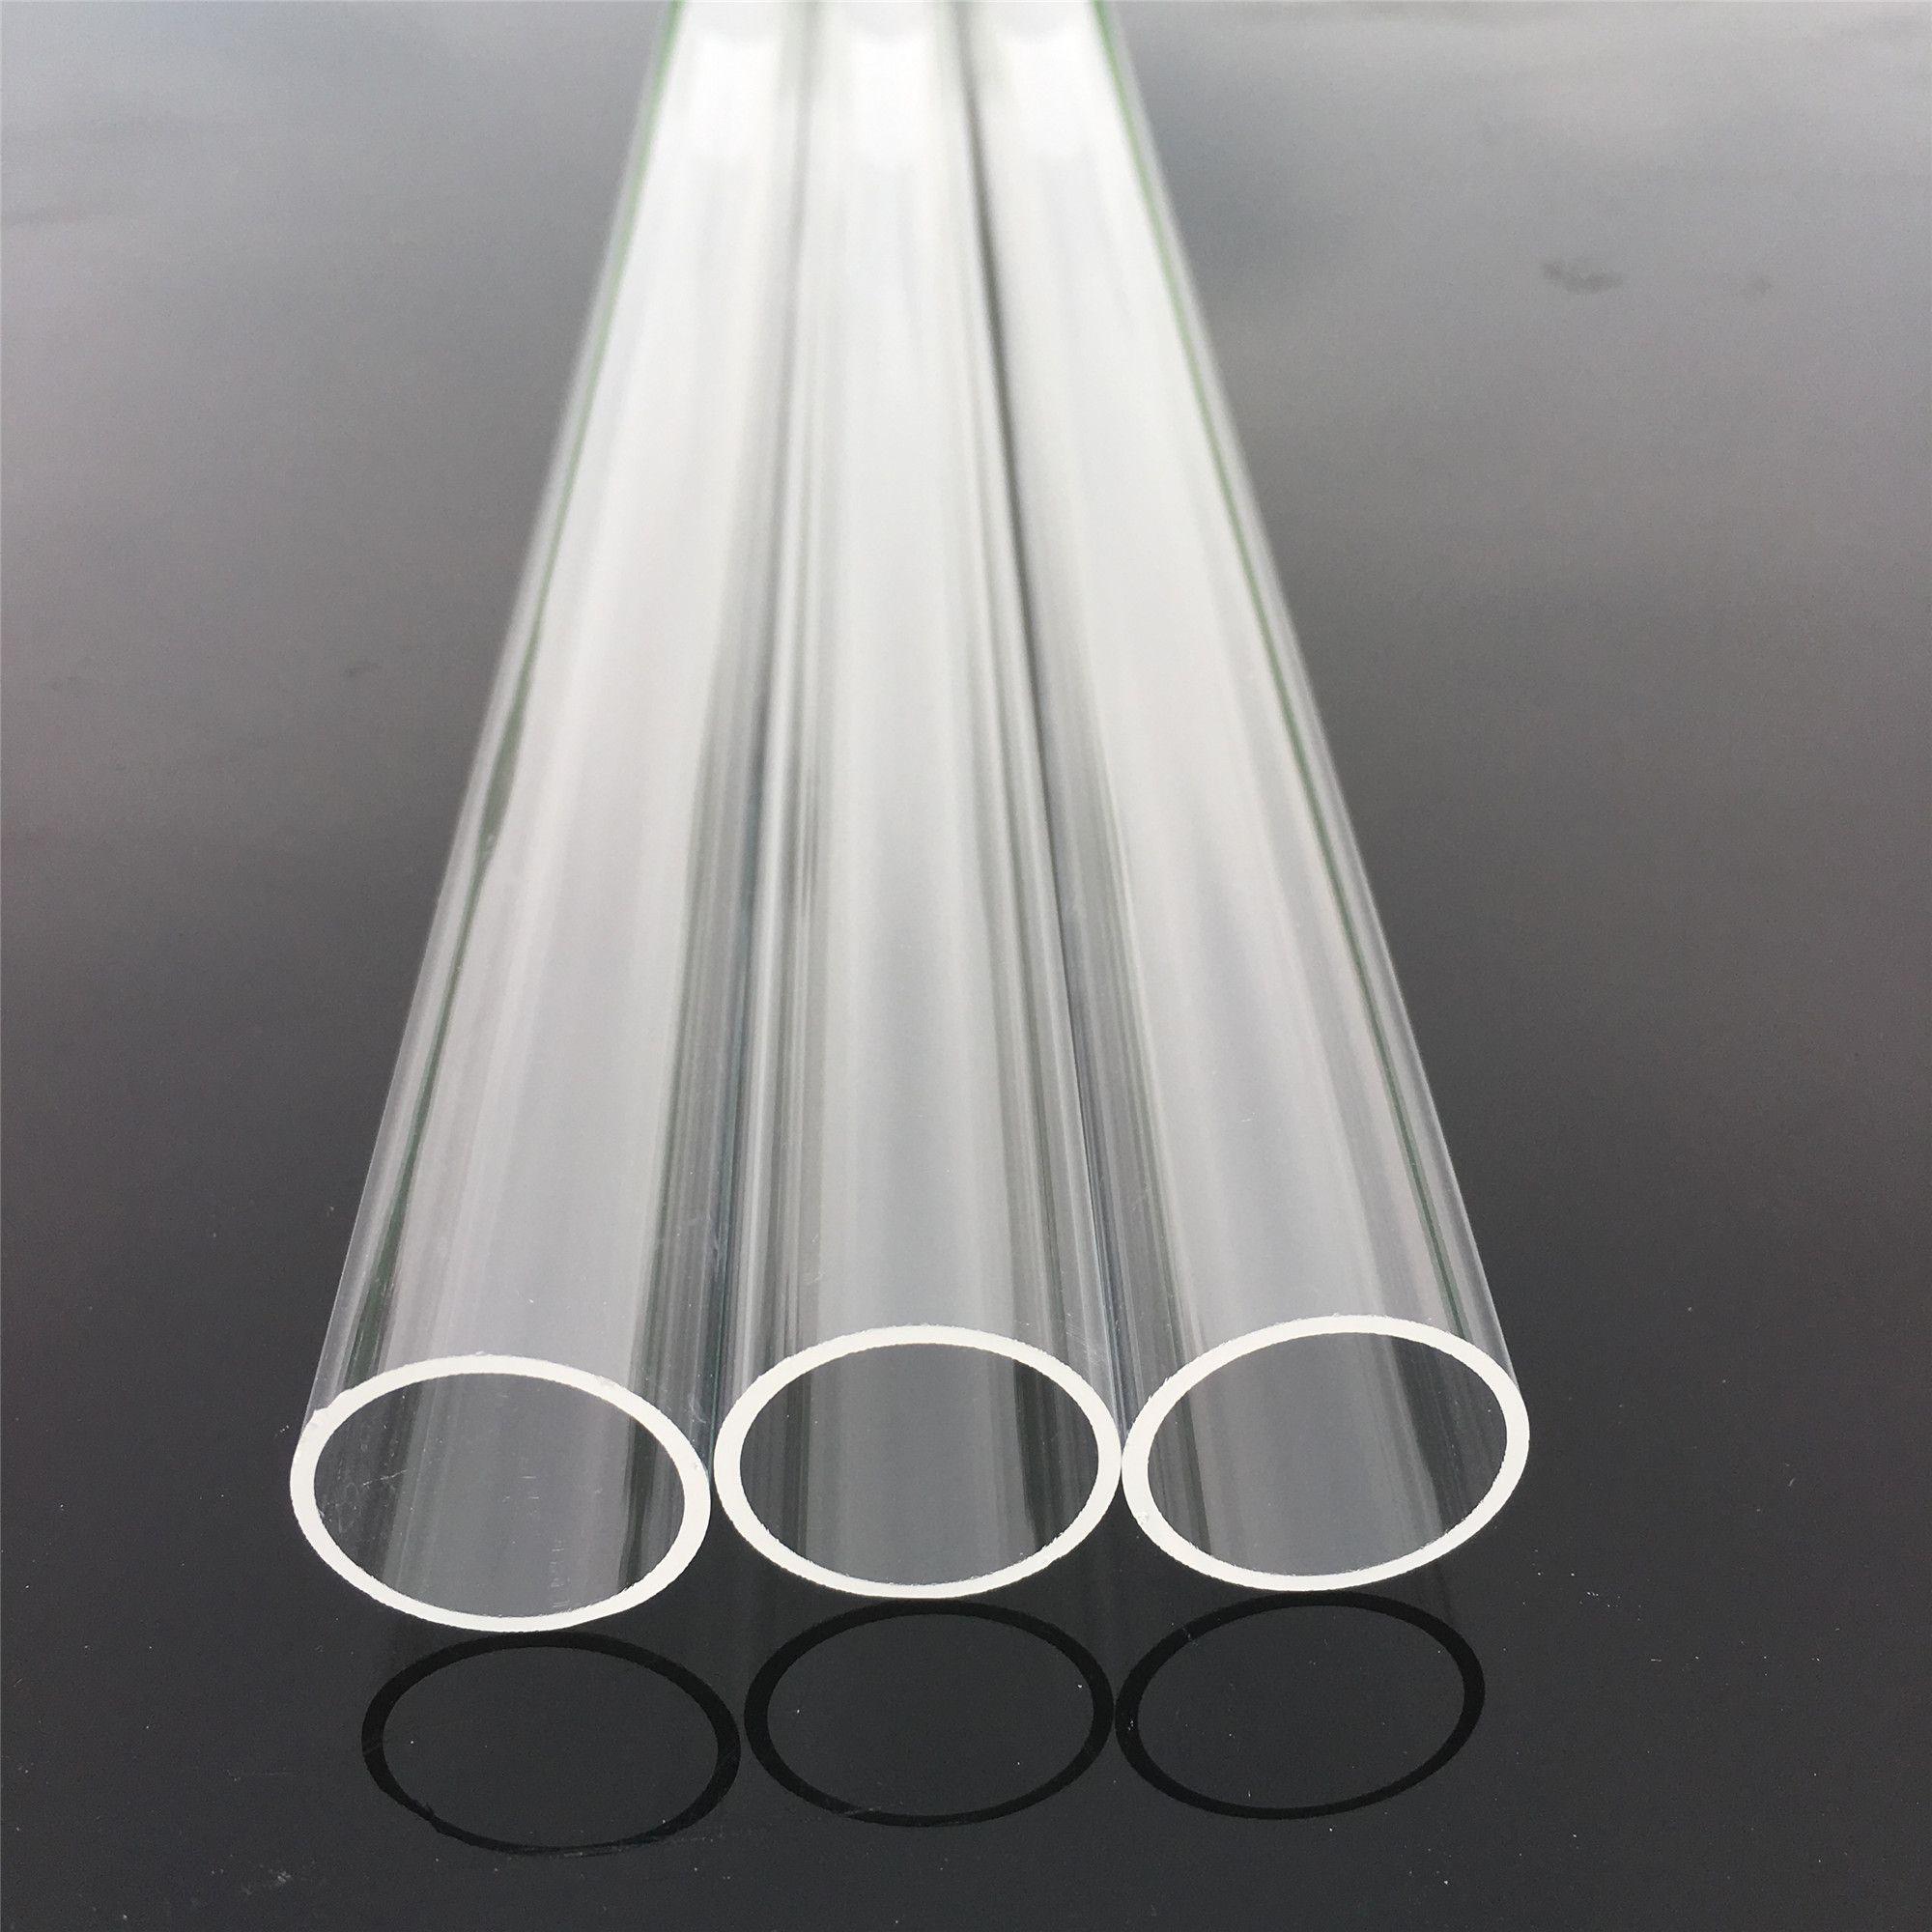 Altos tubos de cuarzo industrial y científico de alta claridad de 300 mm de diámetro de 21 mm de espesor 1 mm Tubo de cuarzo de cuarzo resistente al calor 1 mm